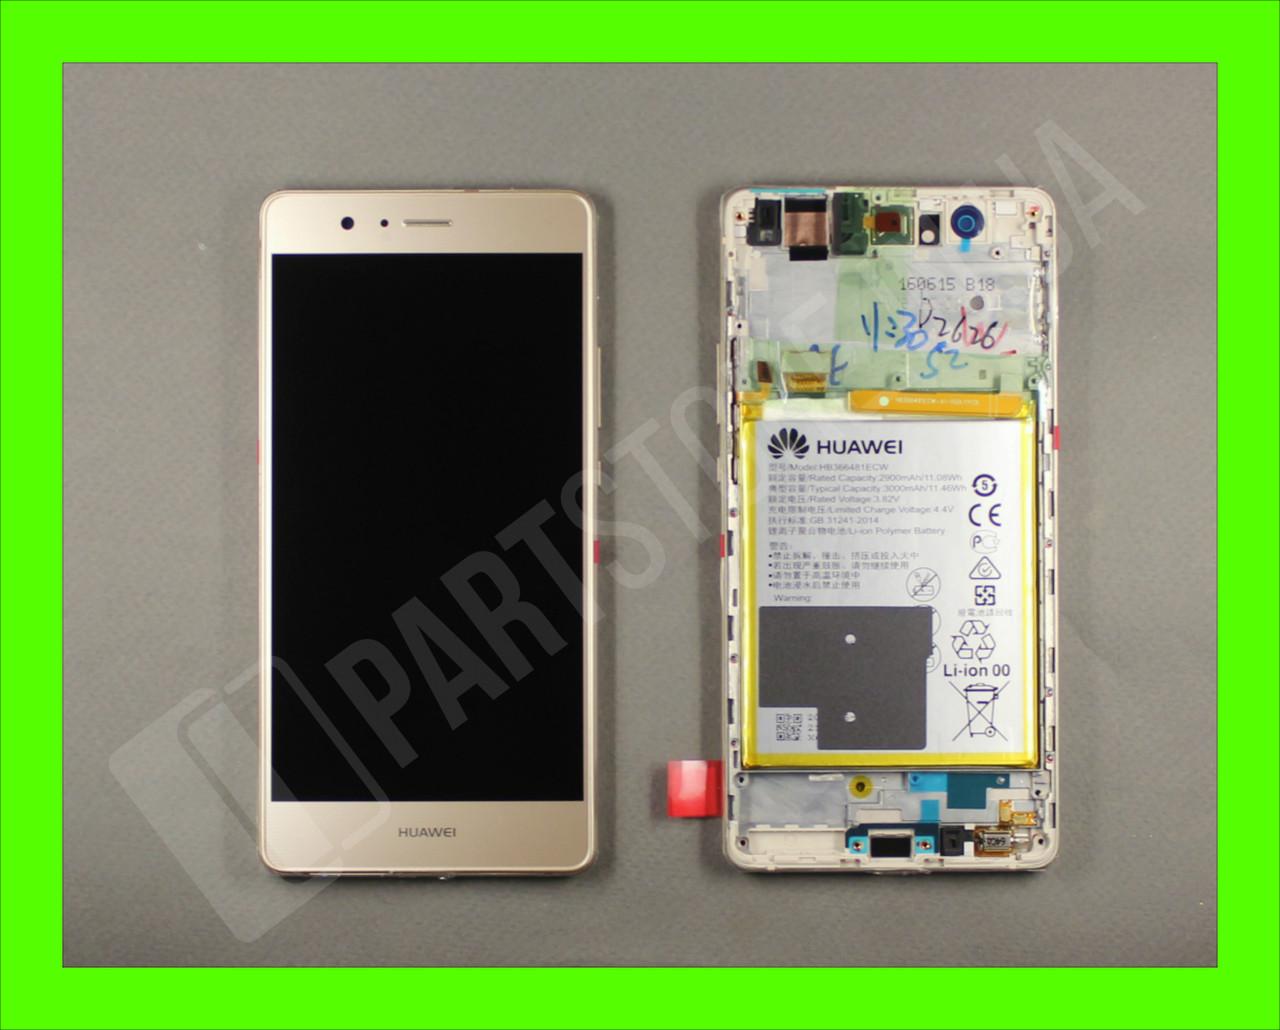 Дисплей Huawei P9 lite Gold (02350TMS) сервисный оригинал в сборе с рамкой, акб и датчиками